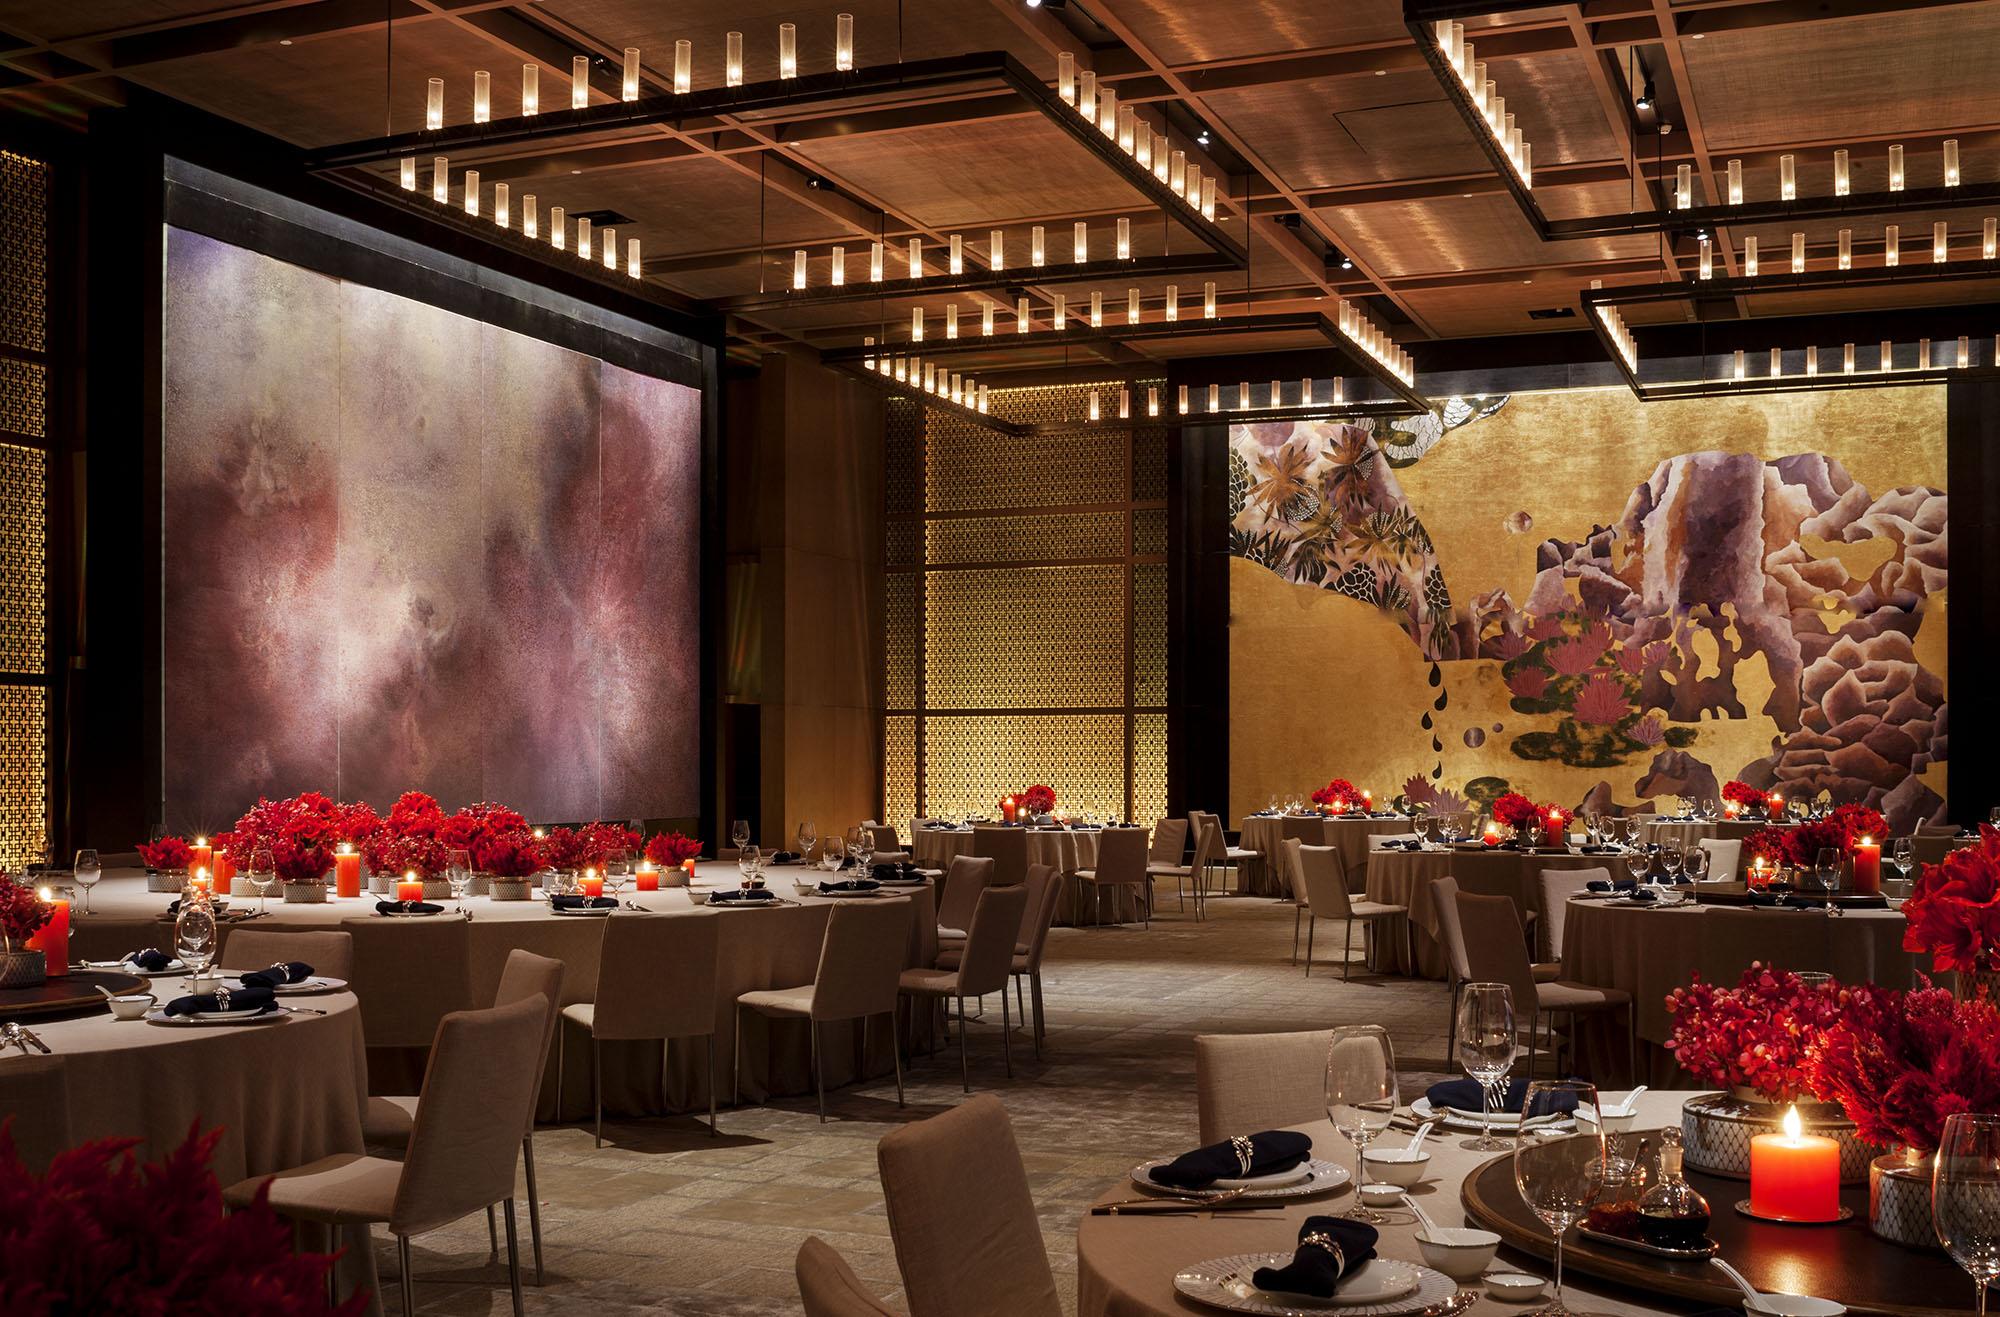 主题餐厅设计的概念